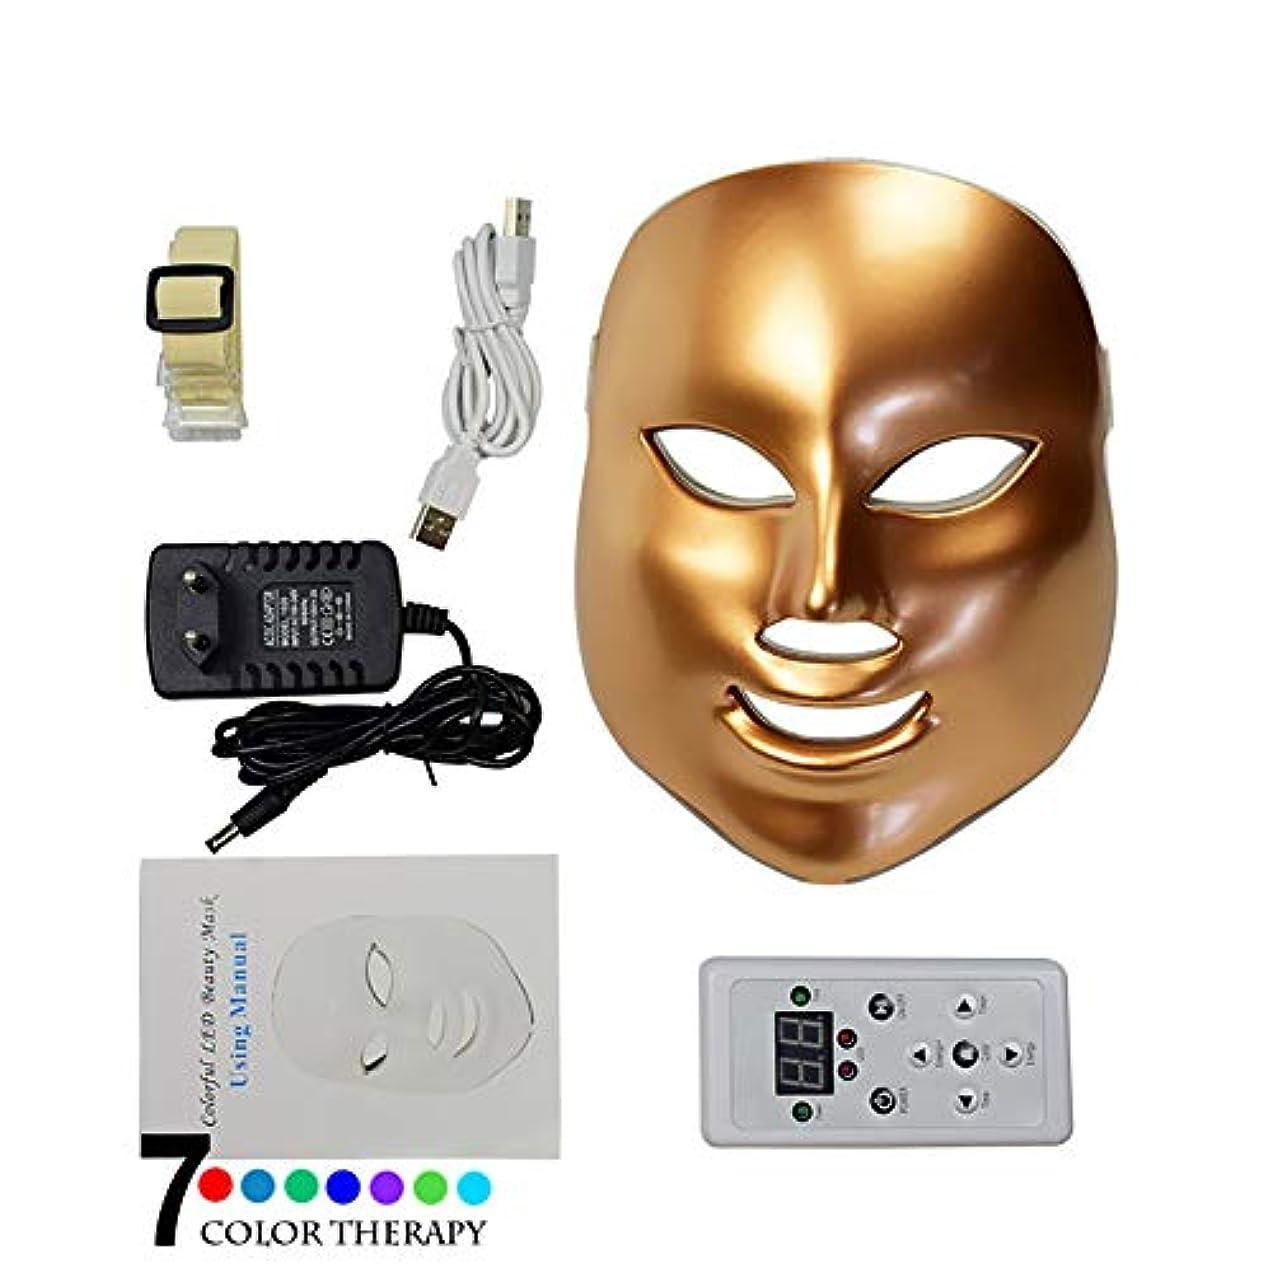 季節状況道徳教育7色LEDフェイスマスク、7色LEDスキン光線療法器具、健康的な肌の若返りのためのレッドライトセラピー、アンチエイジング、しわ、瘢痕化,Gold